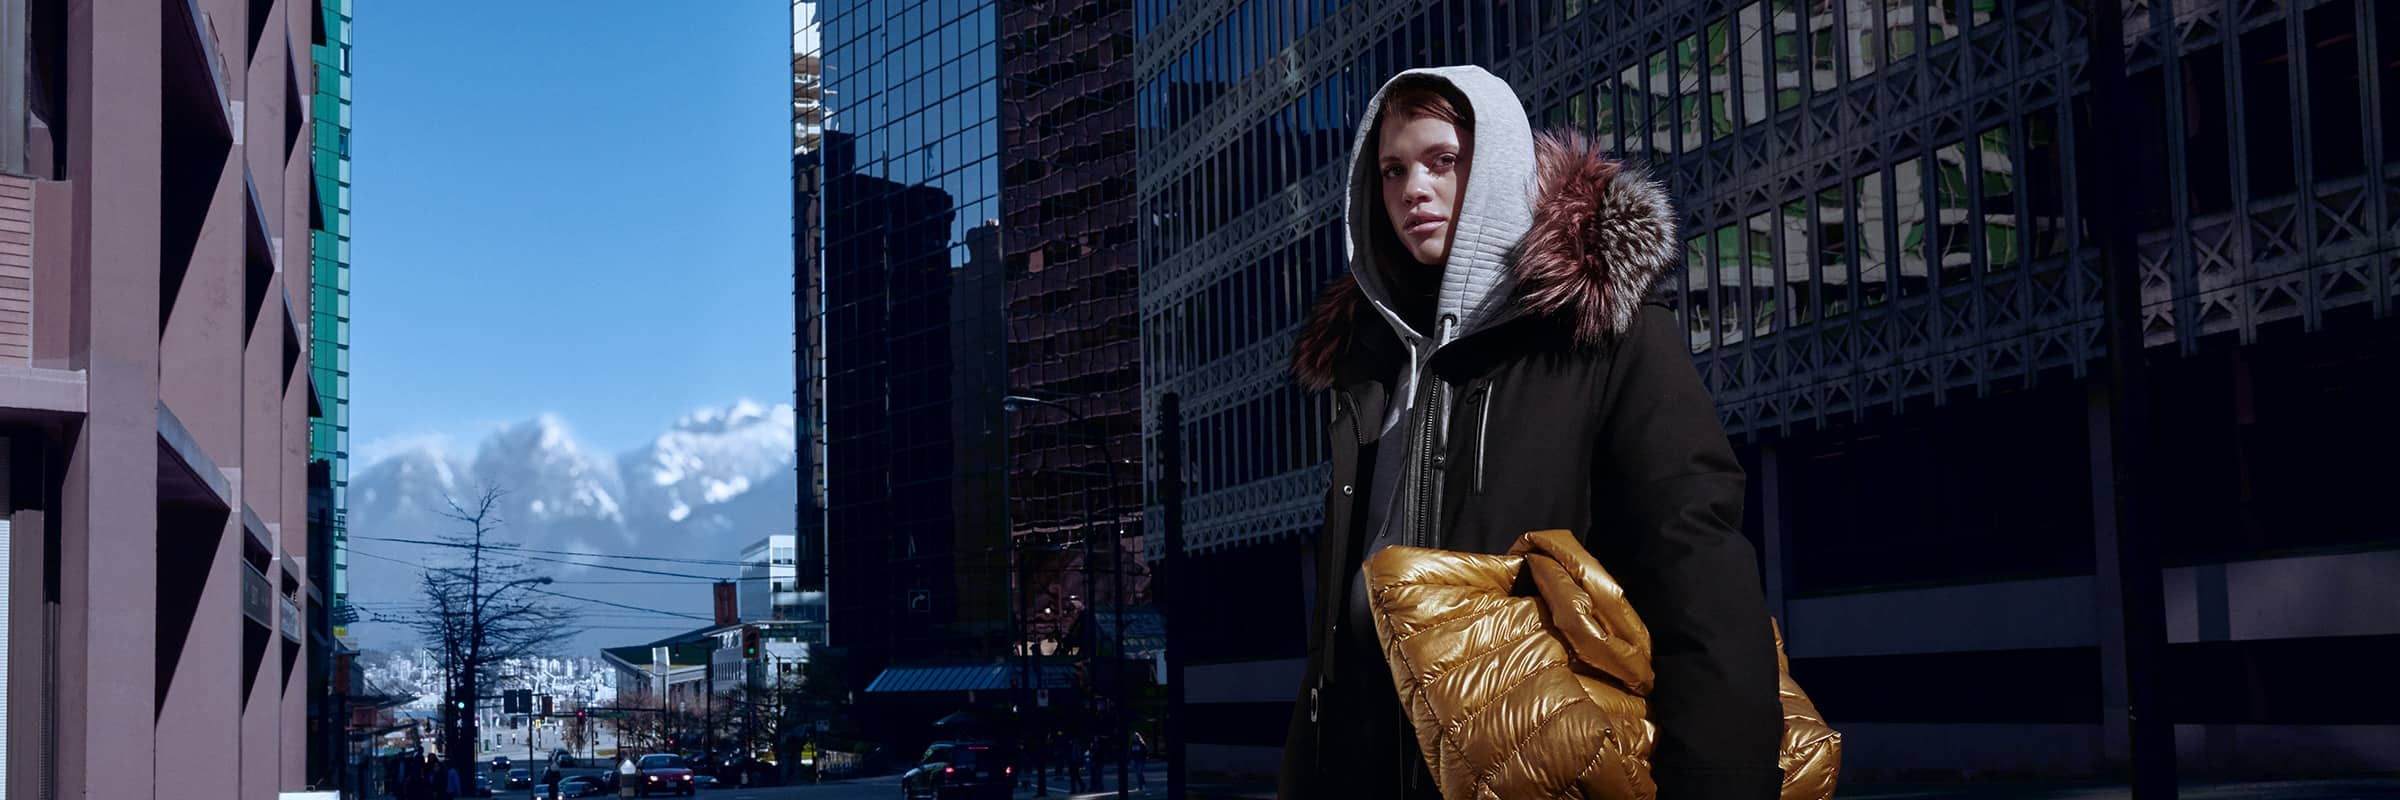 Manteaux d'hiver pour femme les plus populaires de 2019